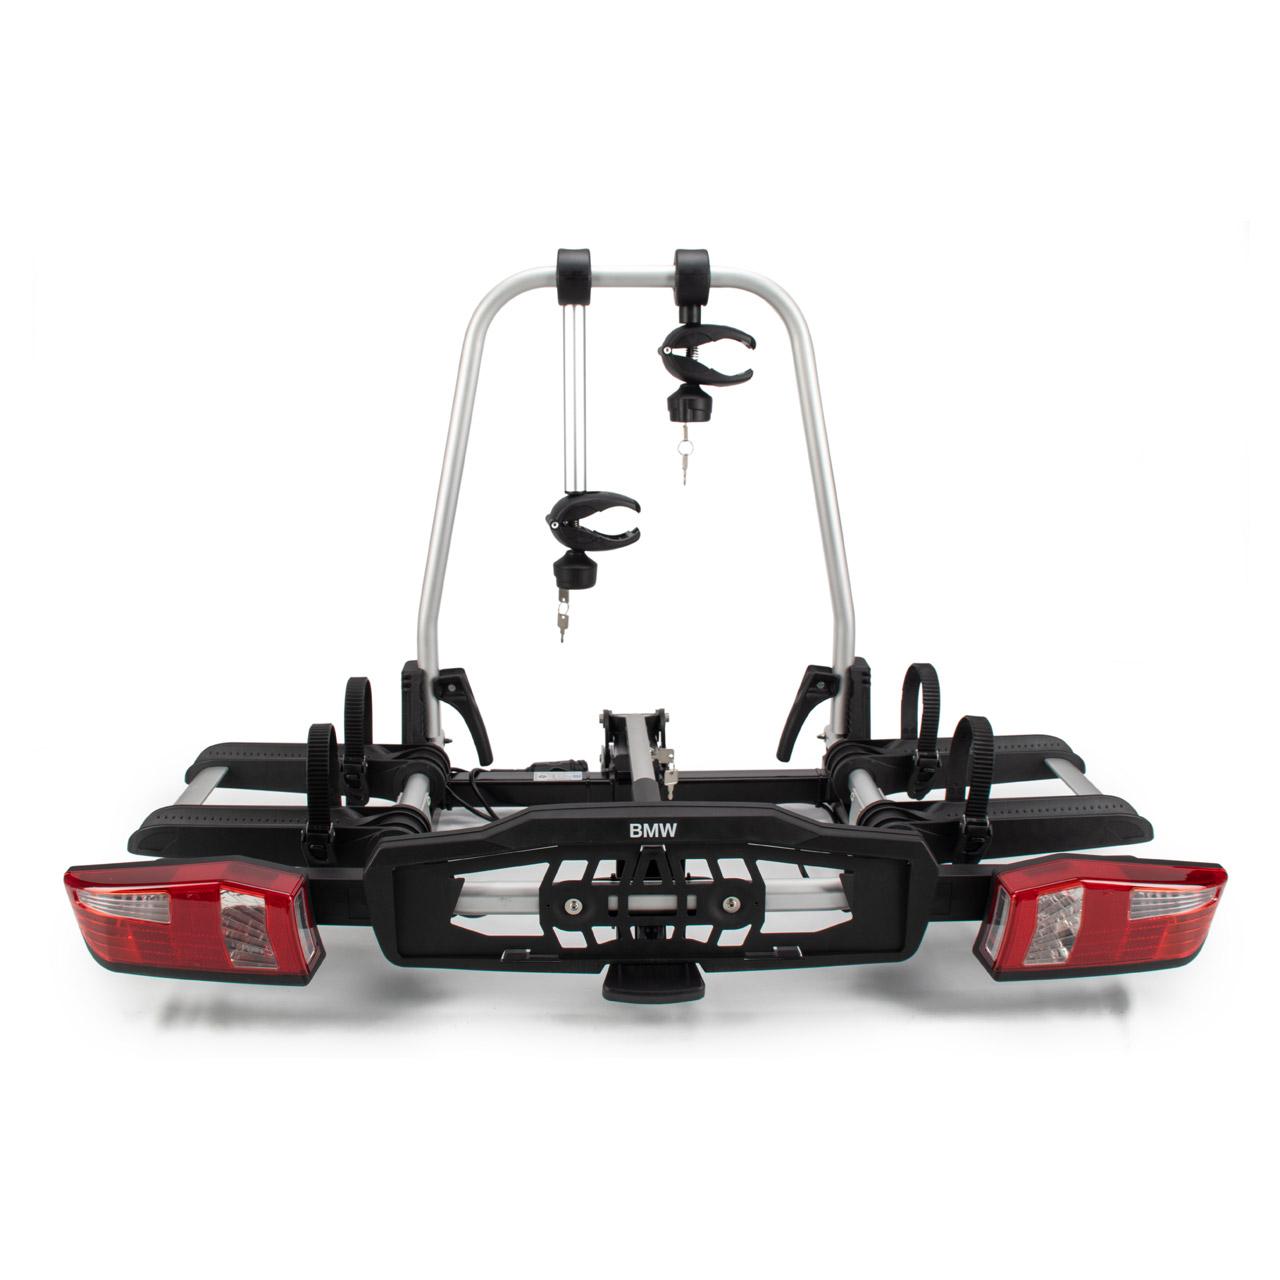 ORIGINAL BMW Pro 2.0 Fahrradheckträger Kupplungsträger für 2 Räder 82722287886